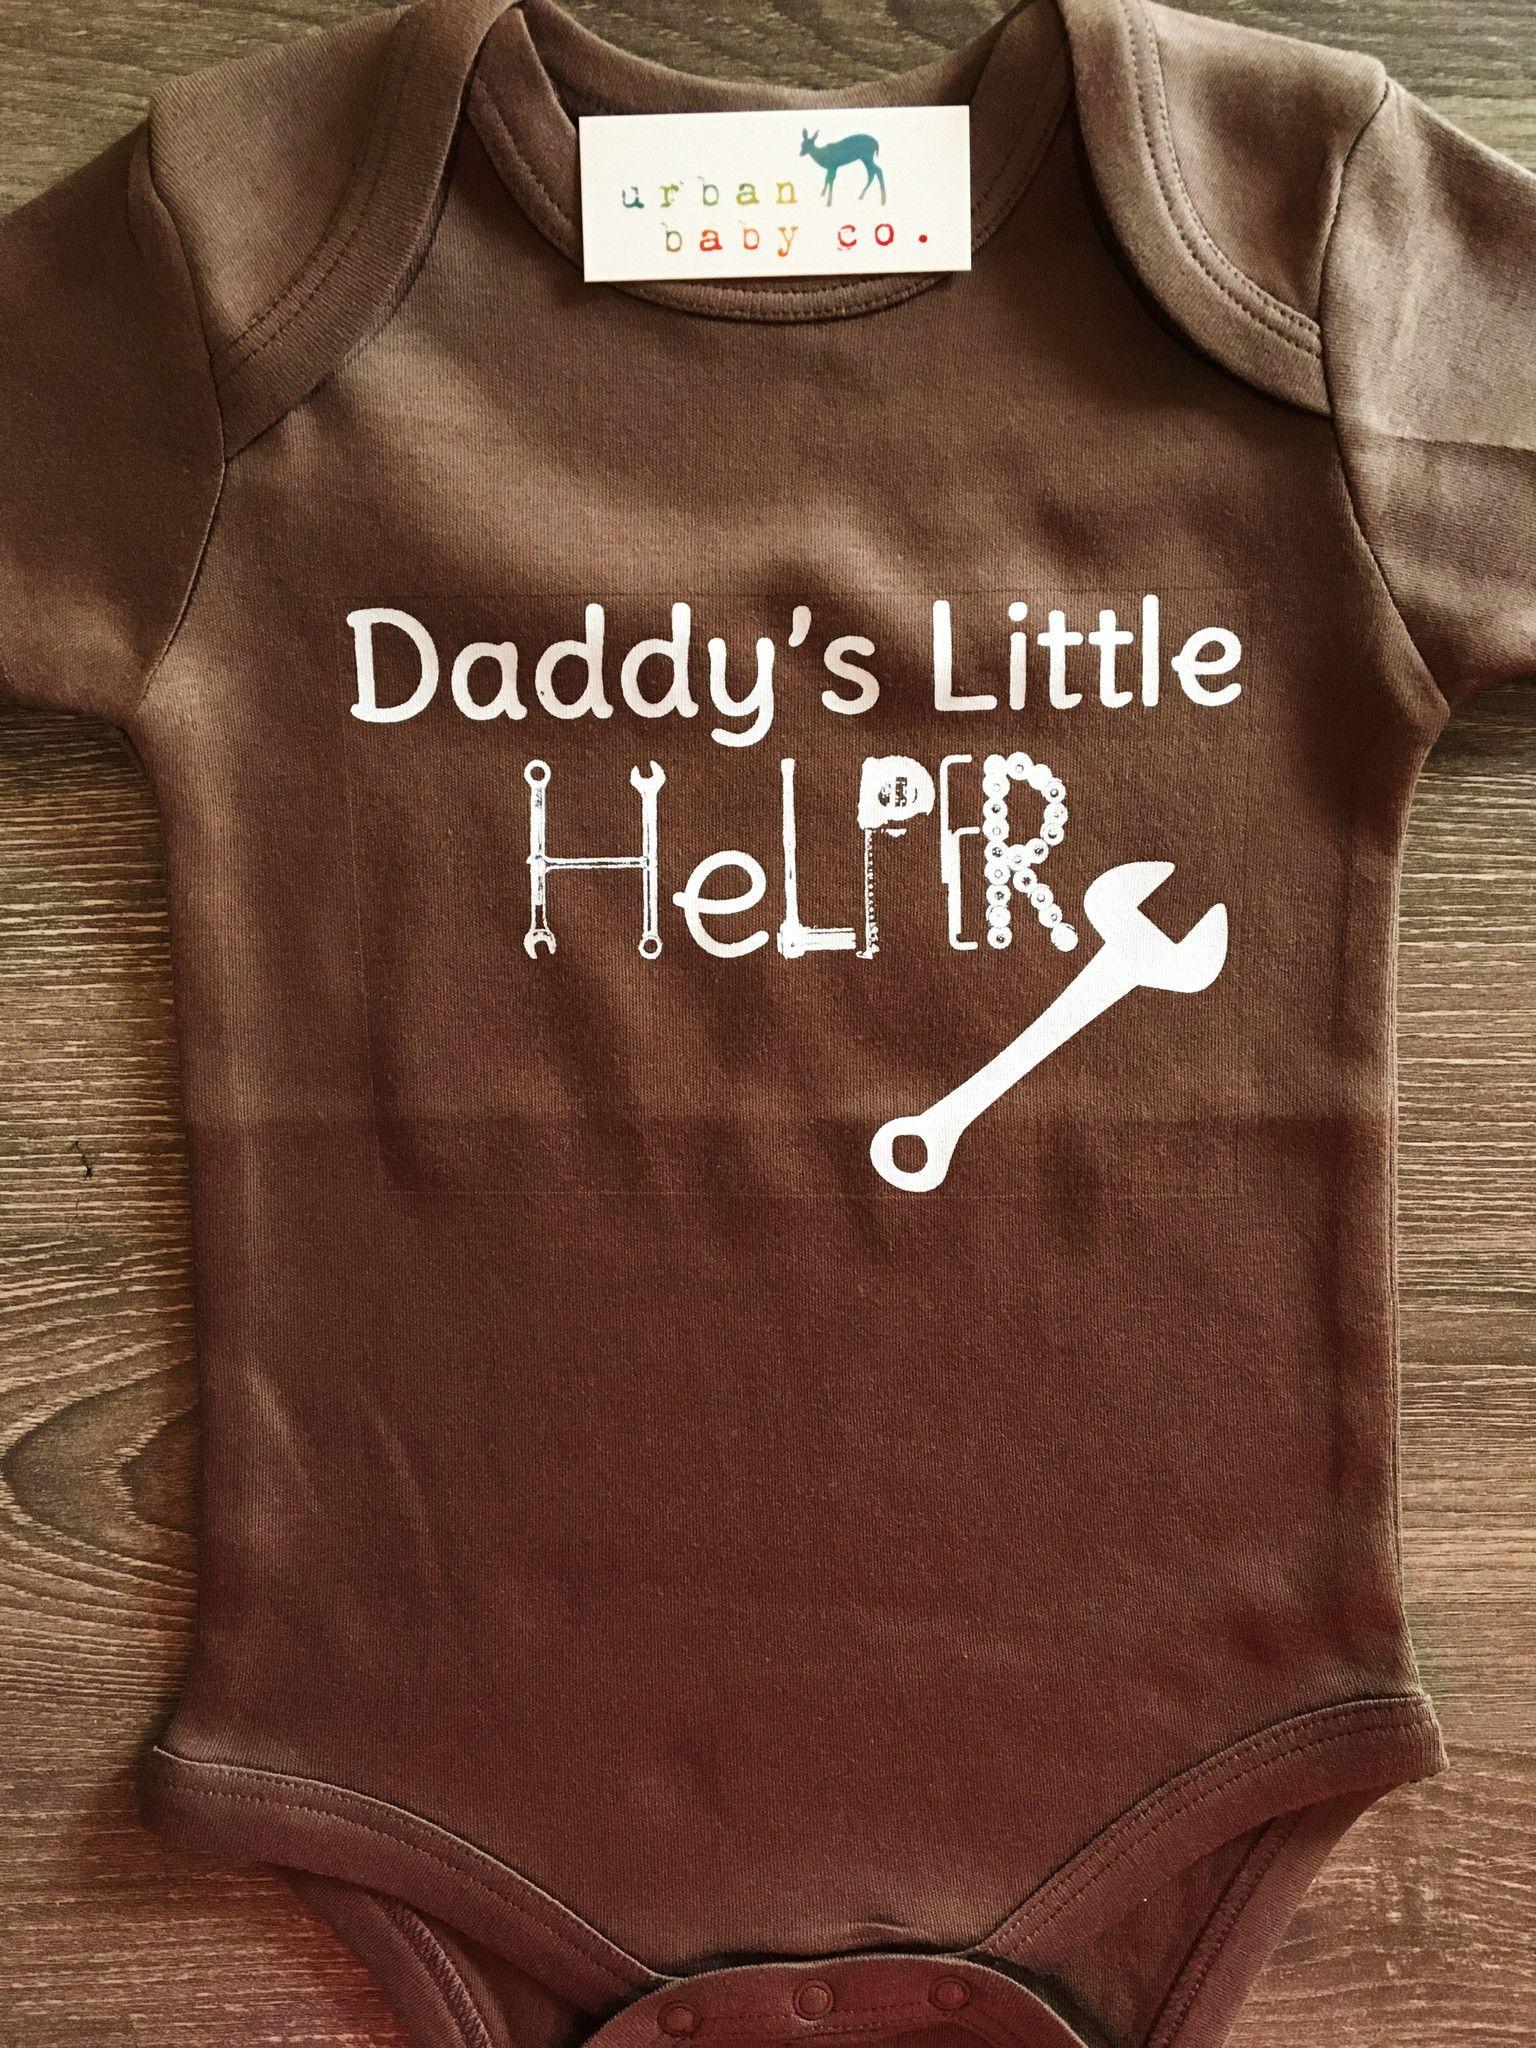 f6143f949 Daddy's Little Helper Baby, Boy, Girl, Unisex, Gender Neutral, Infant,  Toddler, Newborn, Organic, Bodysuit, Outfit, One Piece, Onesie®, Onsie®, Tee,  ...